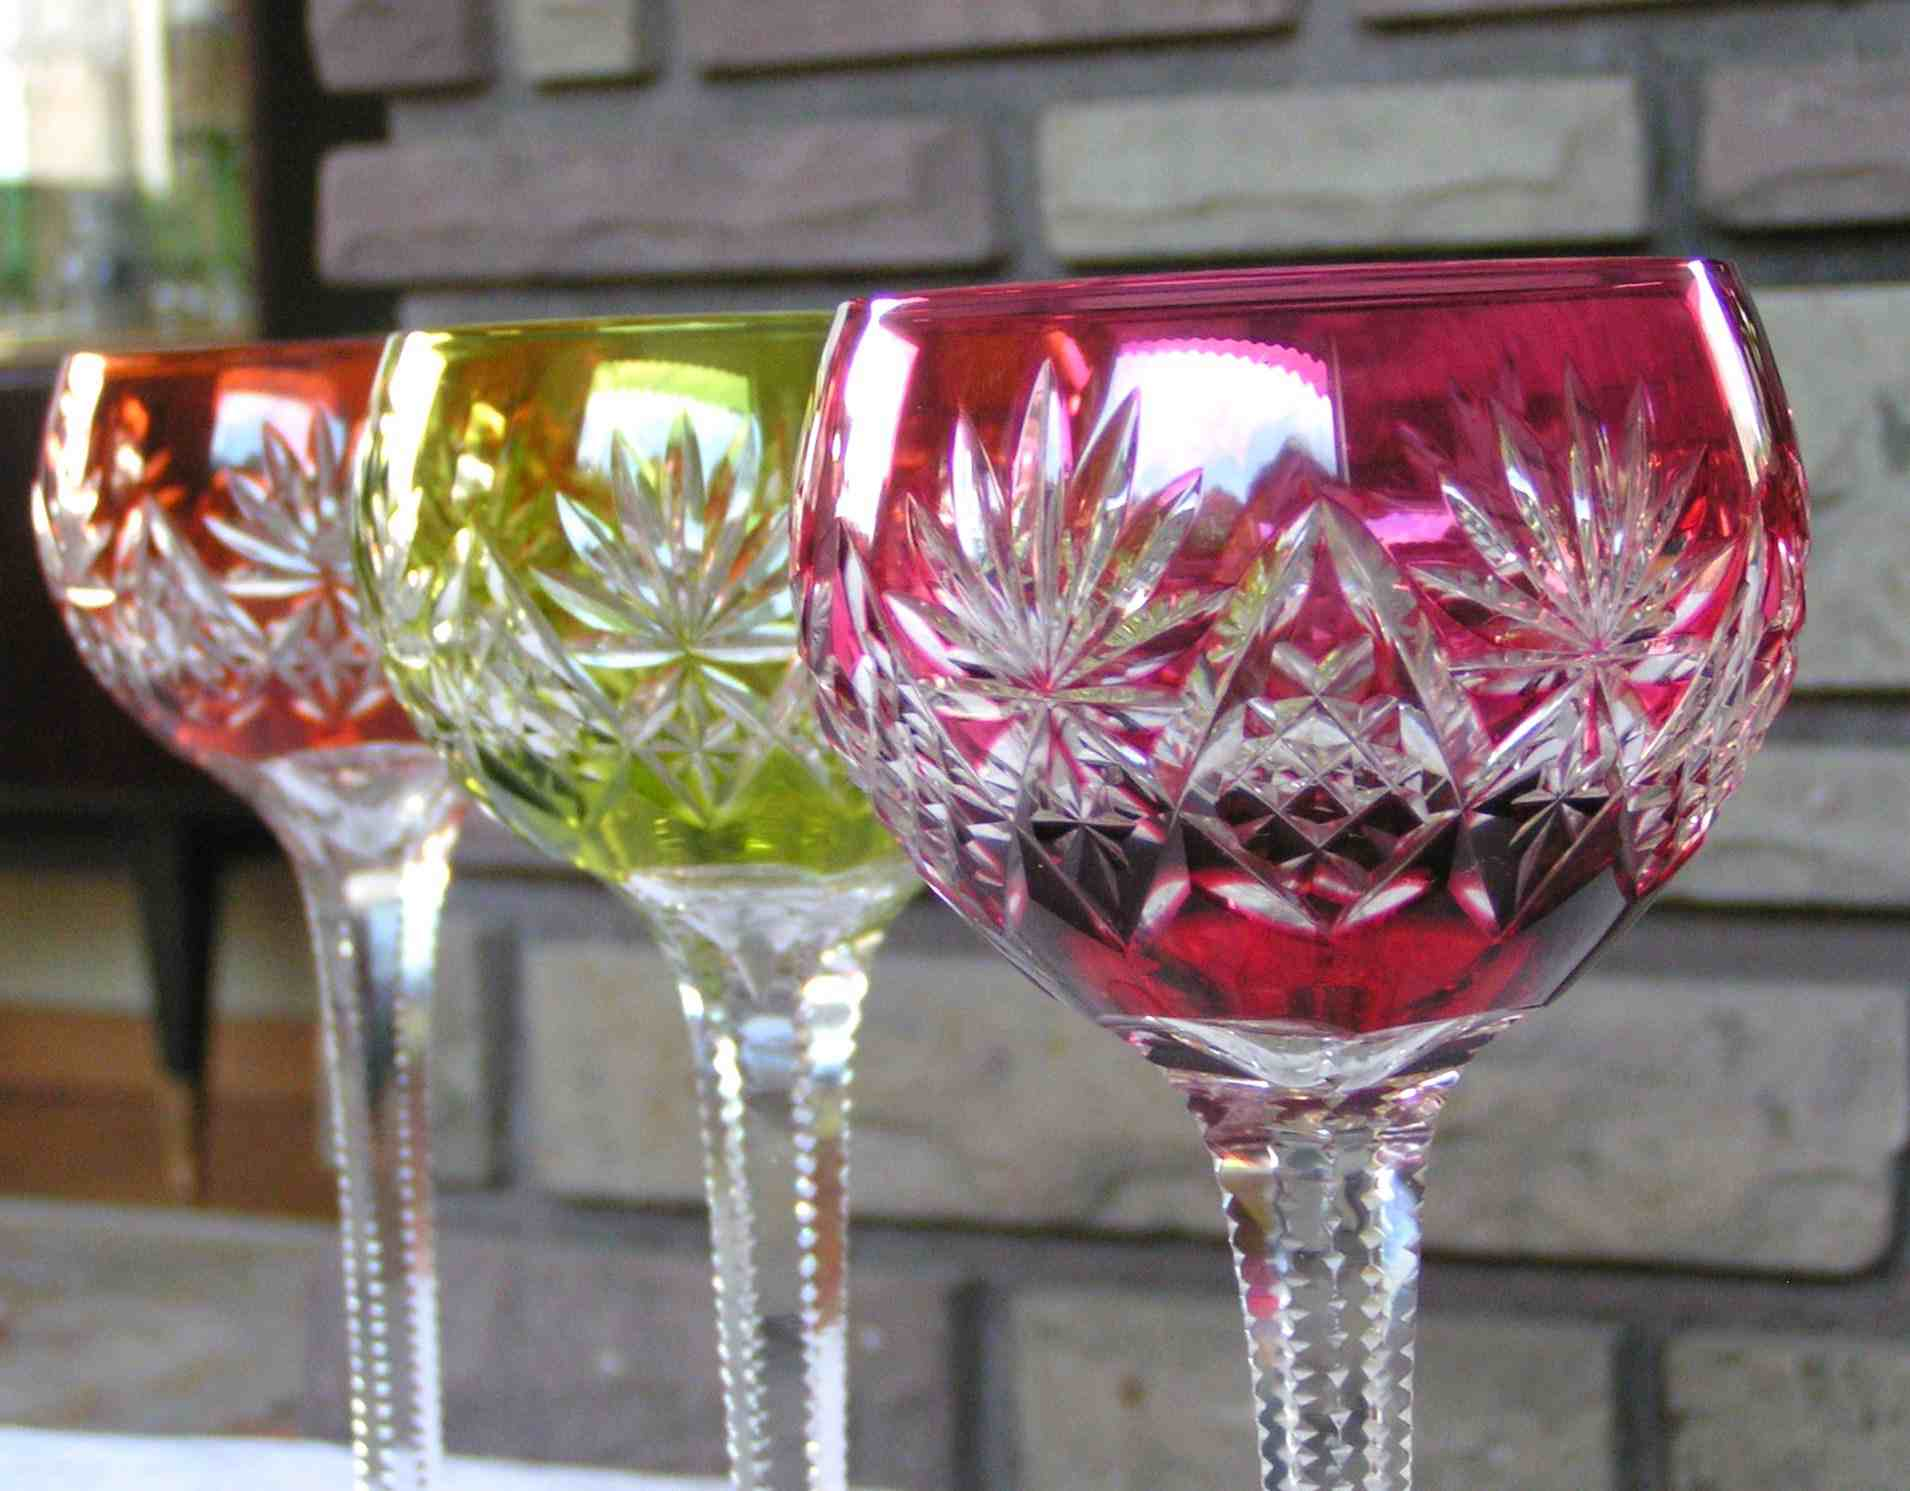 Verre cristal de saint louis service vin du rhin - Cristal de baccarat prix ...